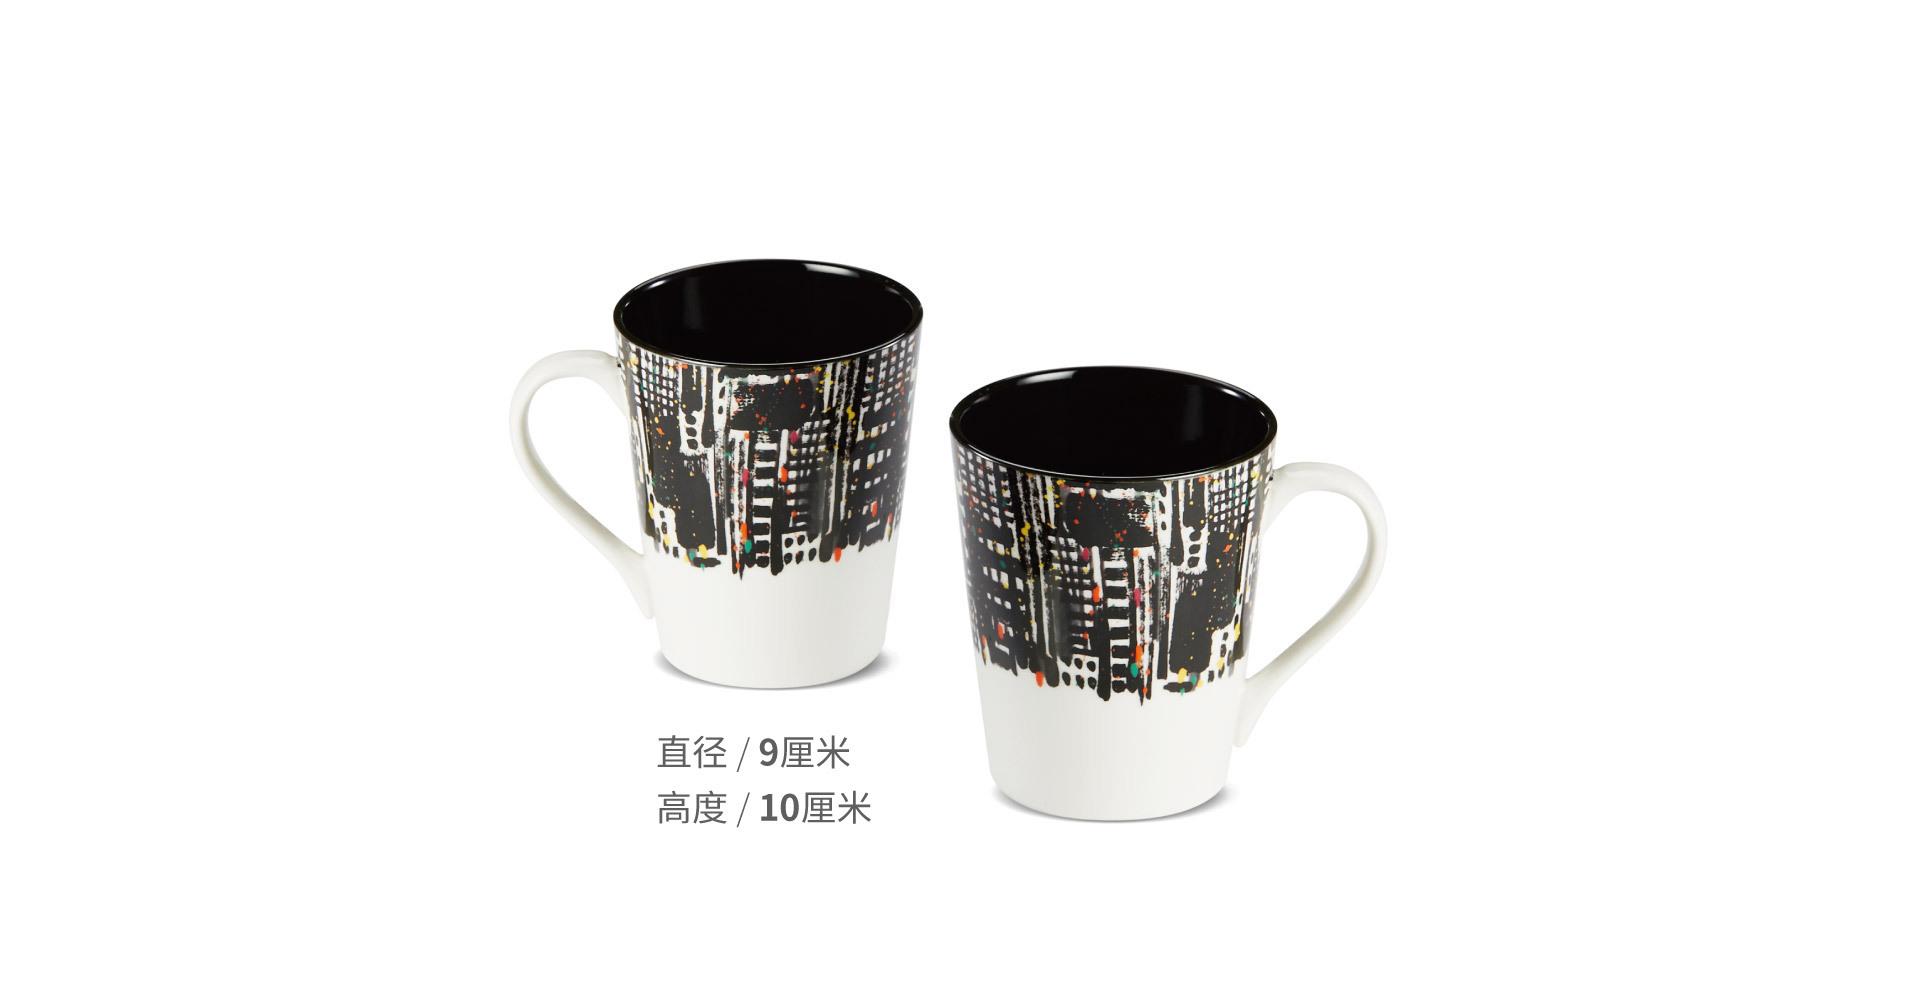 吴冠中系列纹样餐具-都市之夜马克杯套装餐具效果图